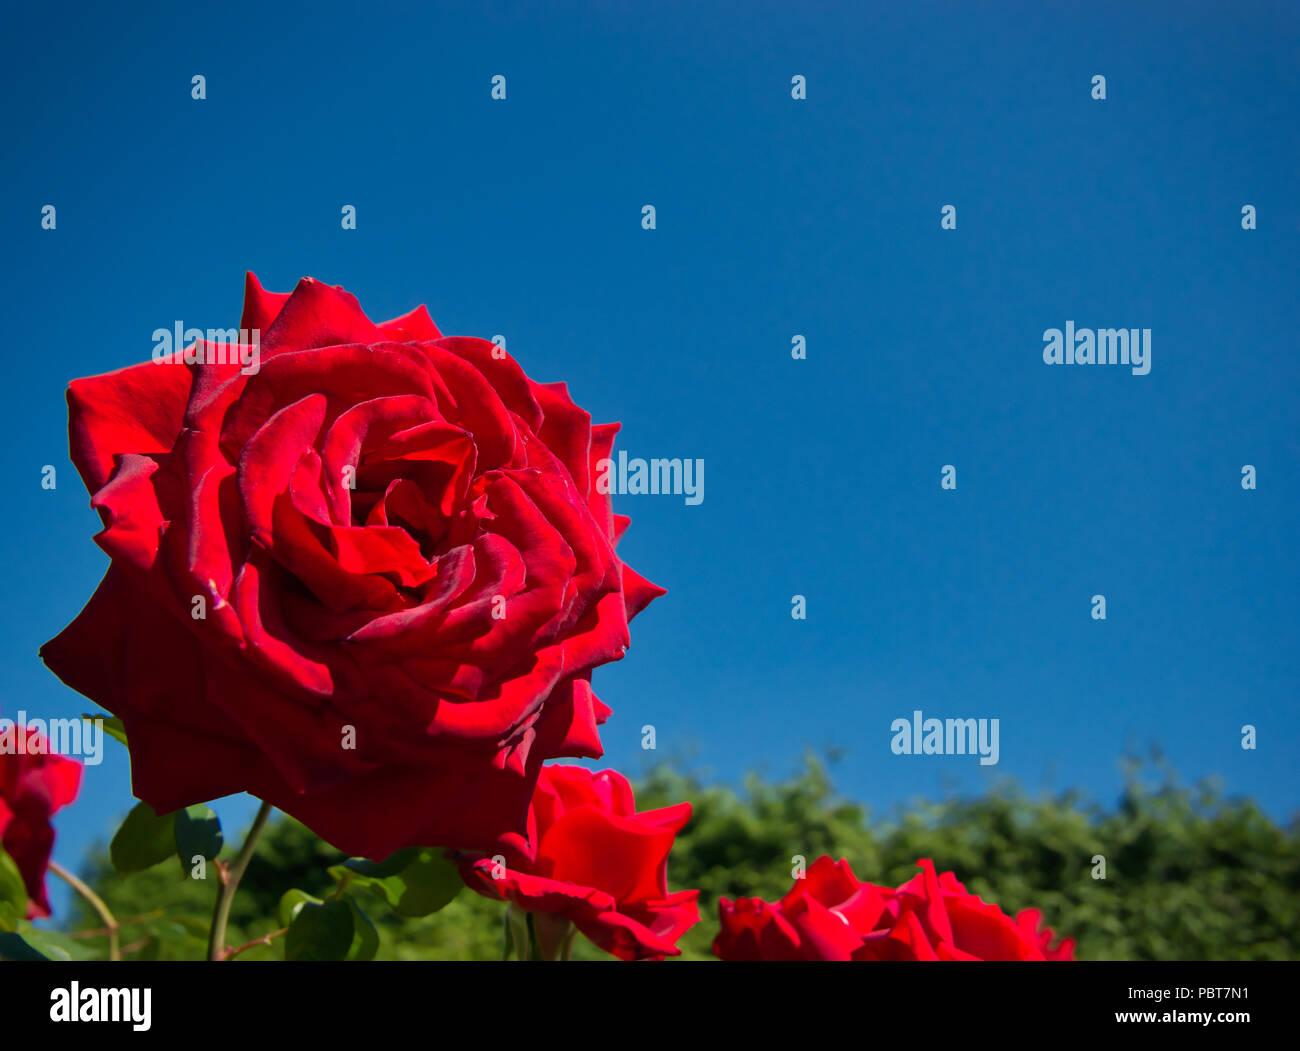 Rosa roja con un aterciopelado y suave flor contra un cielo azul sin nubes y un seto verde Imagen De Stock